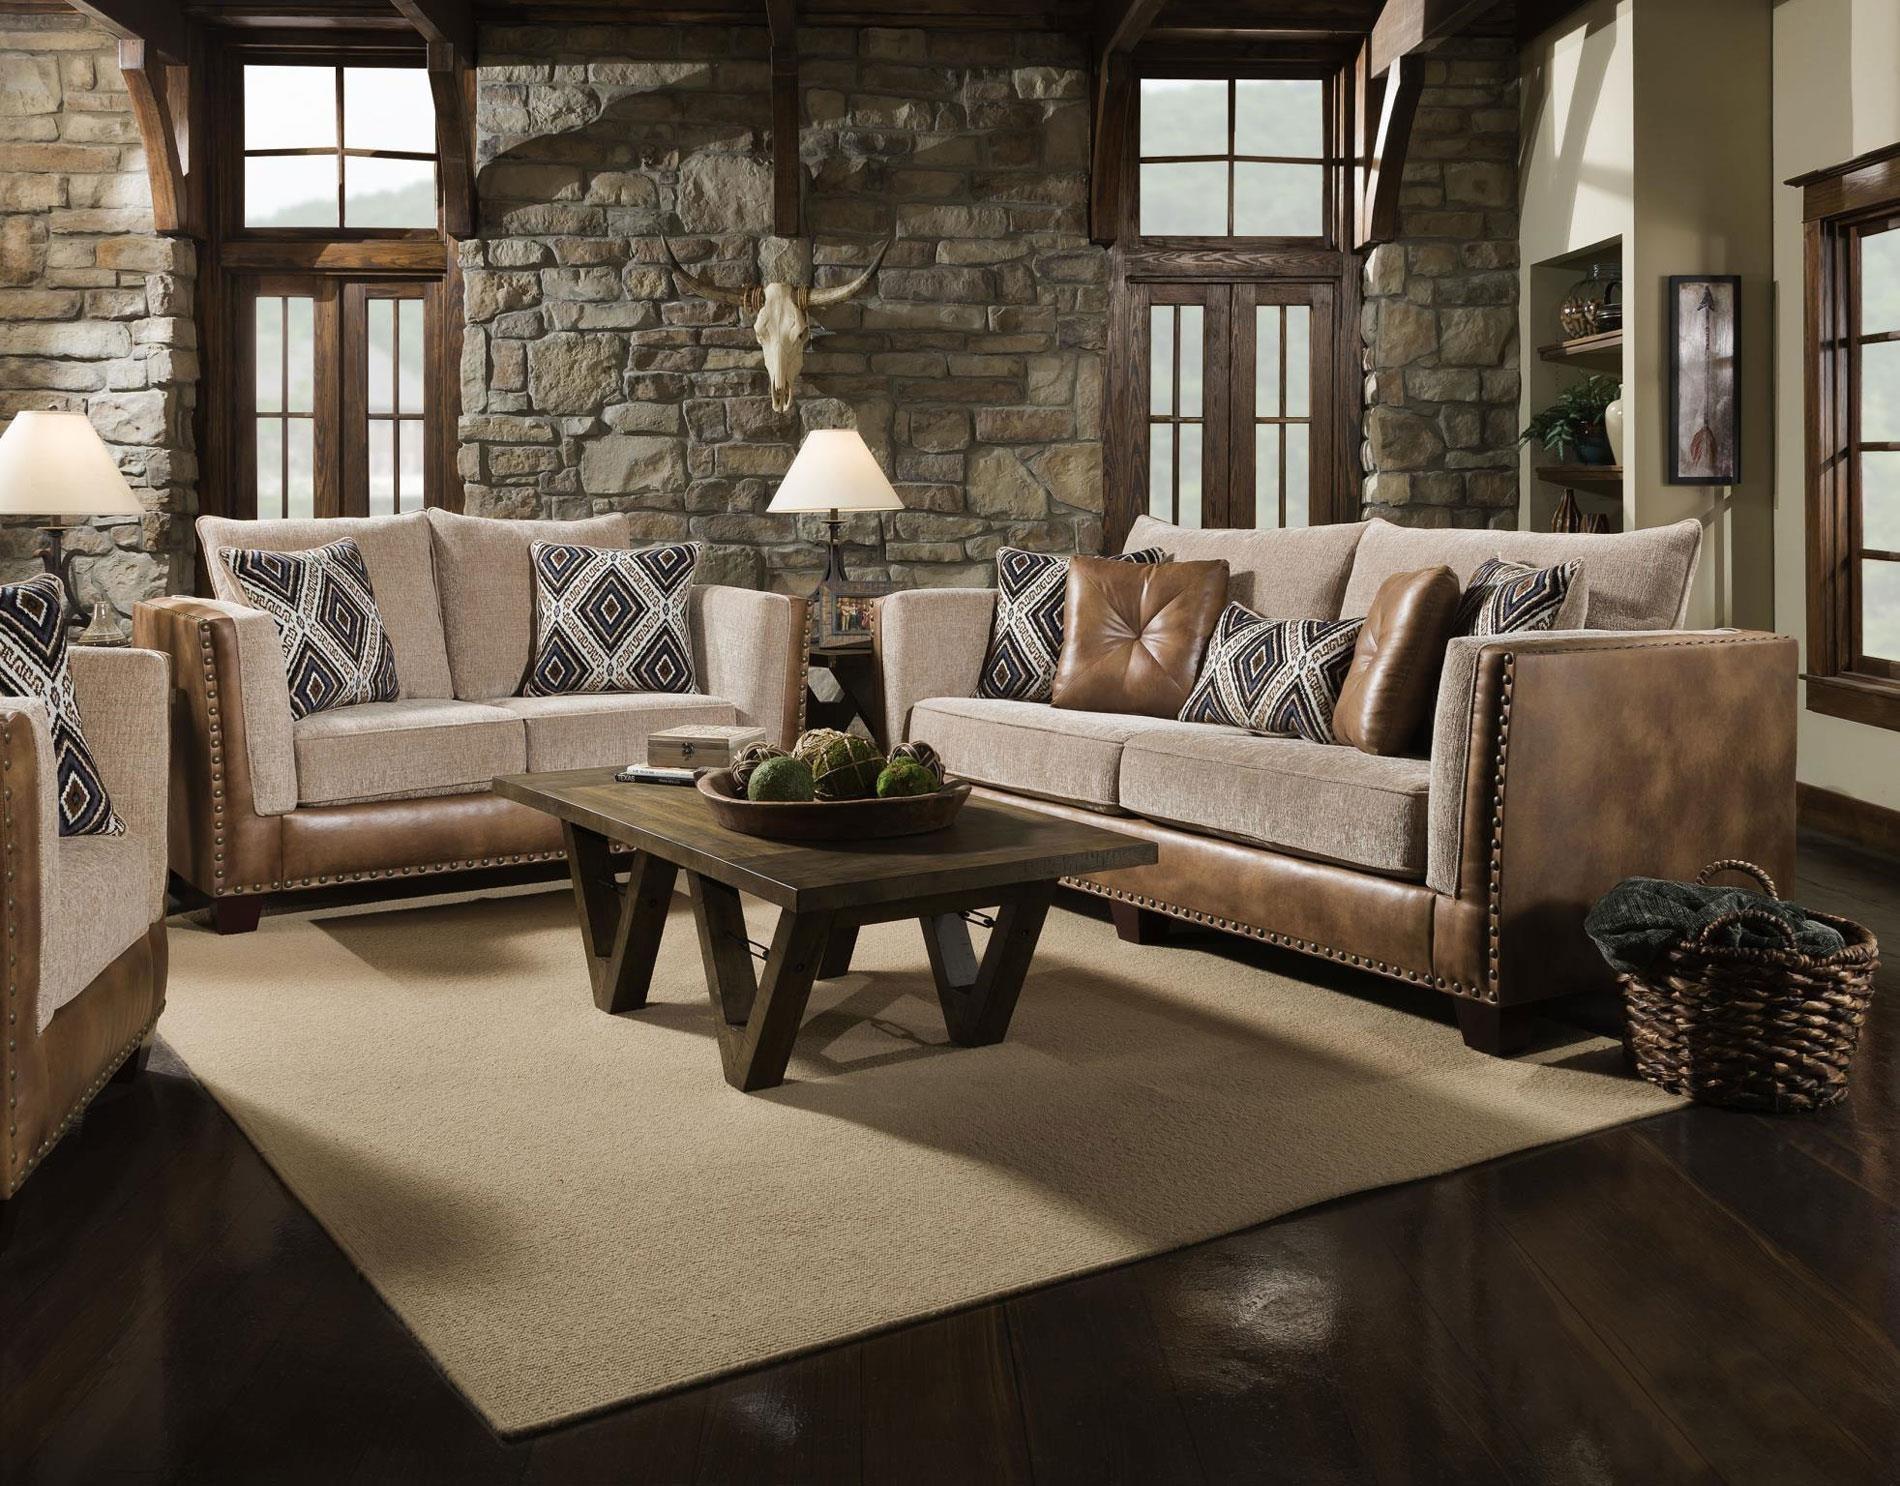 Albany Reflex Cashmere Sofa - Item Number: 774-00-17812-REFLEX-CASHMERE